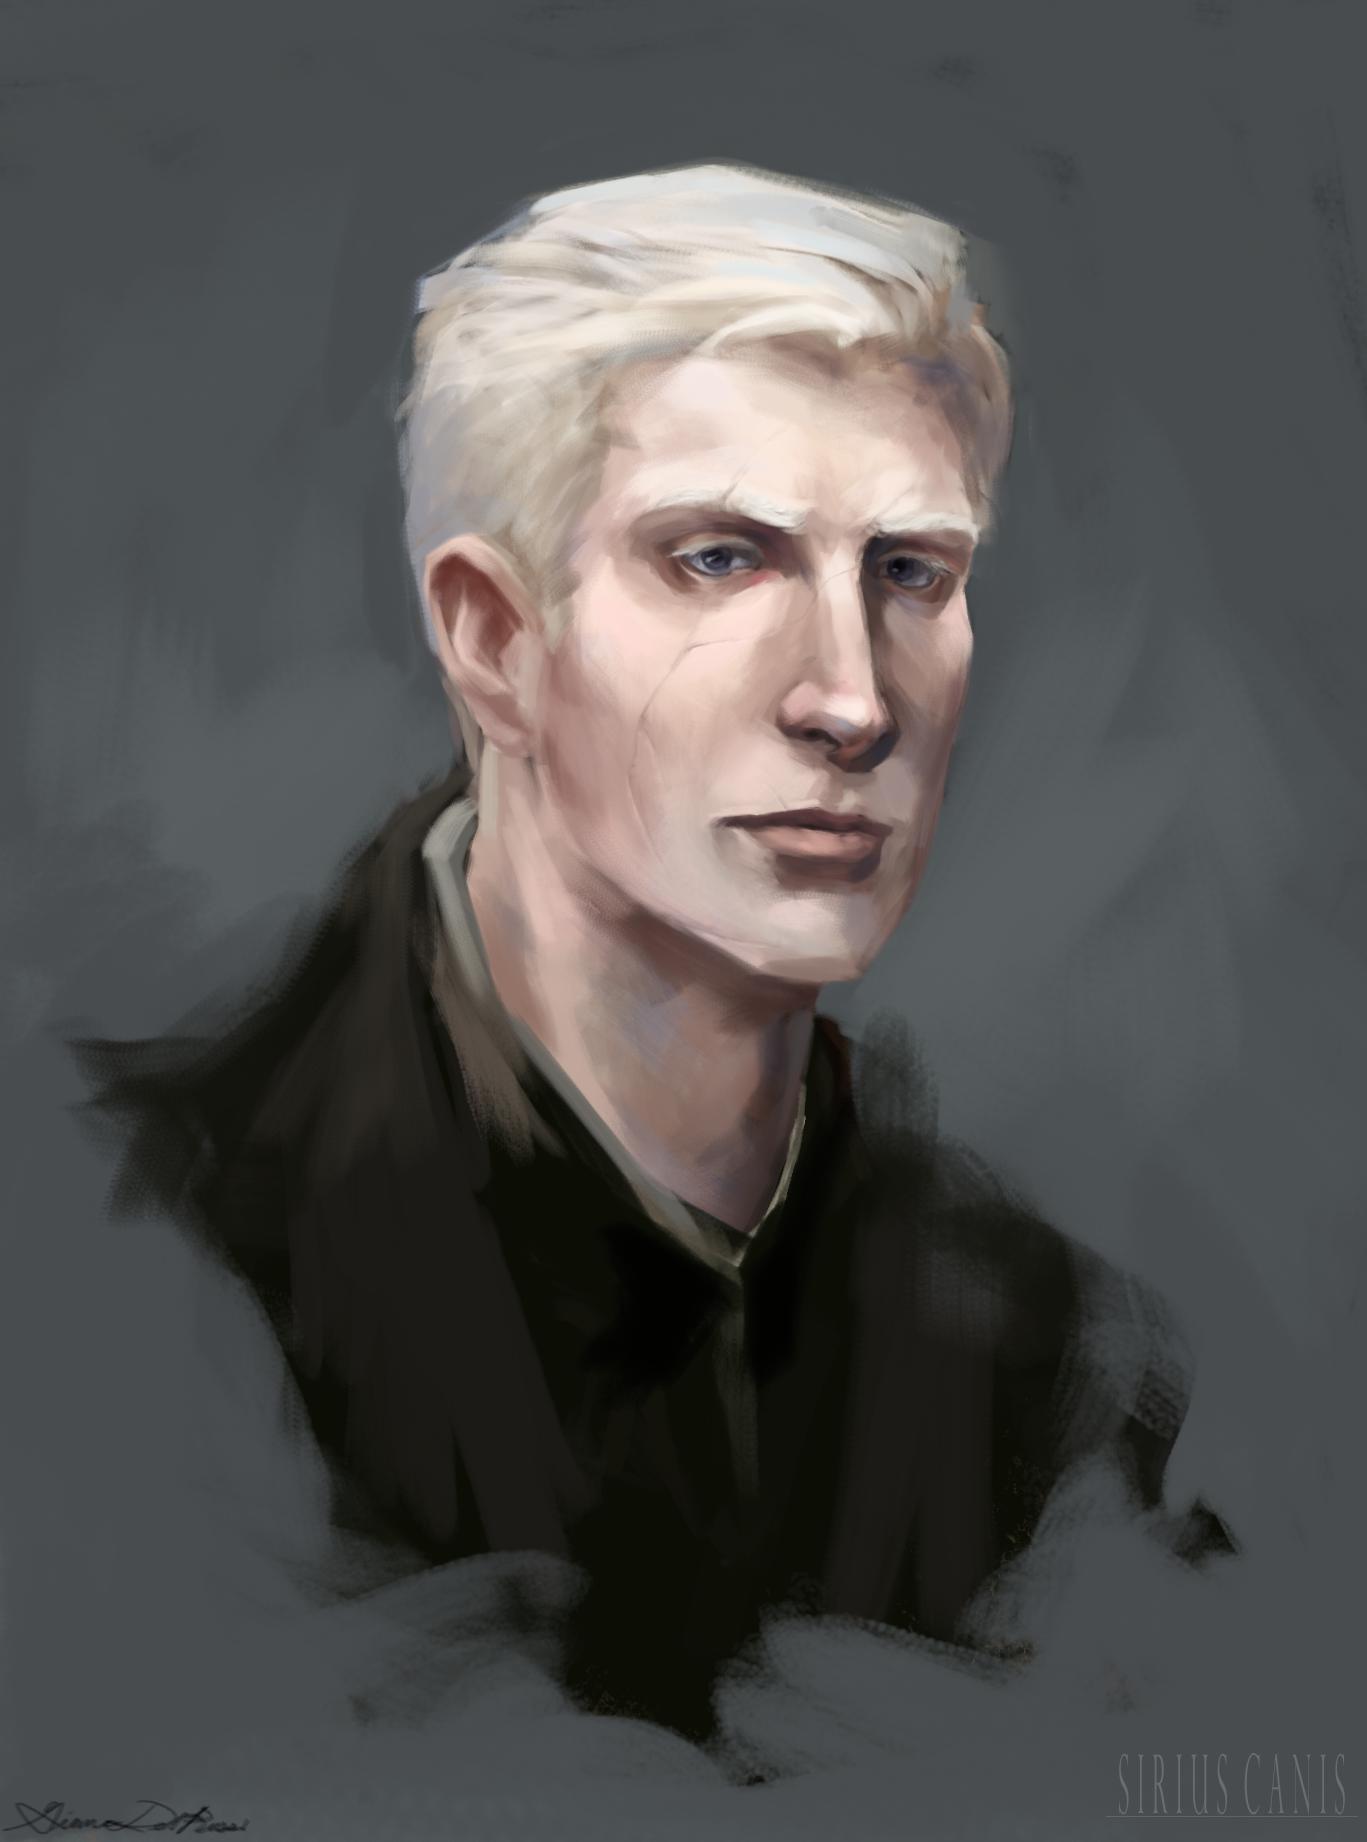 Sirius Canis Portrait